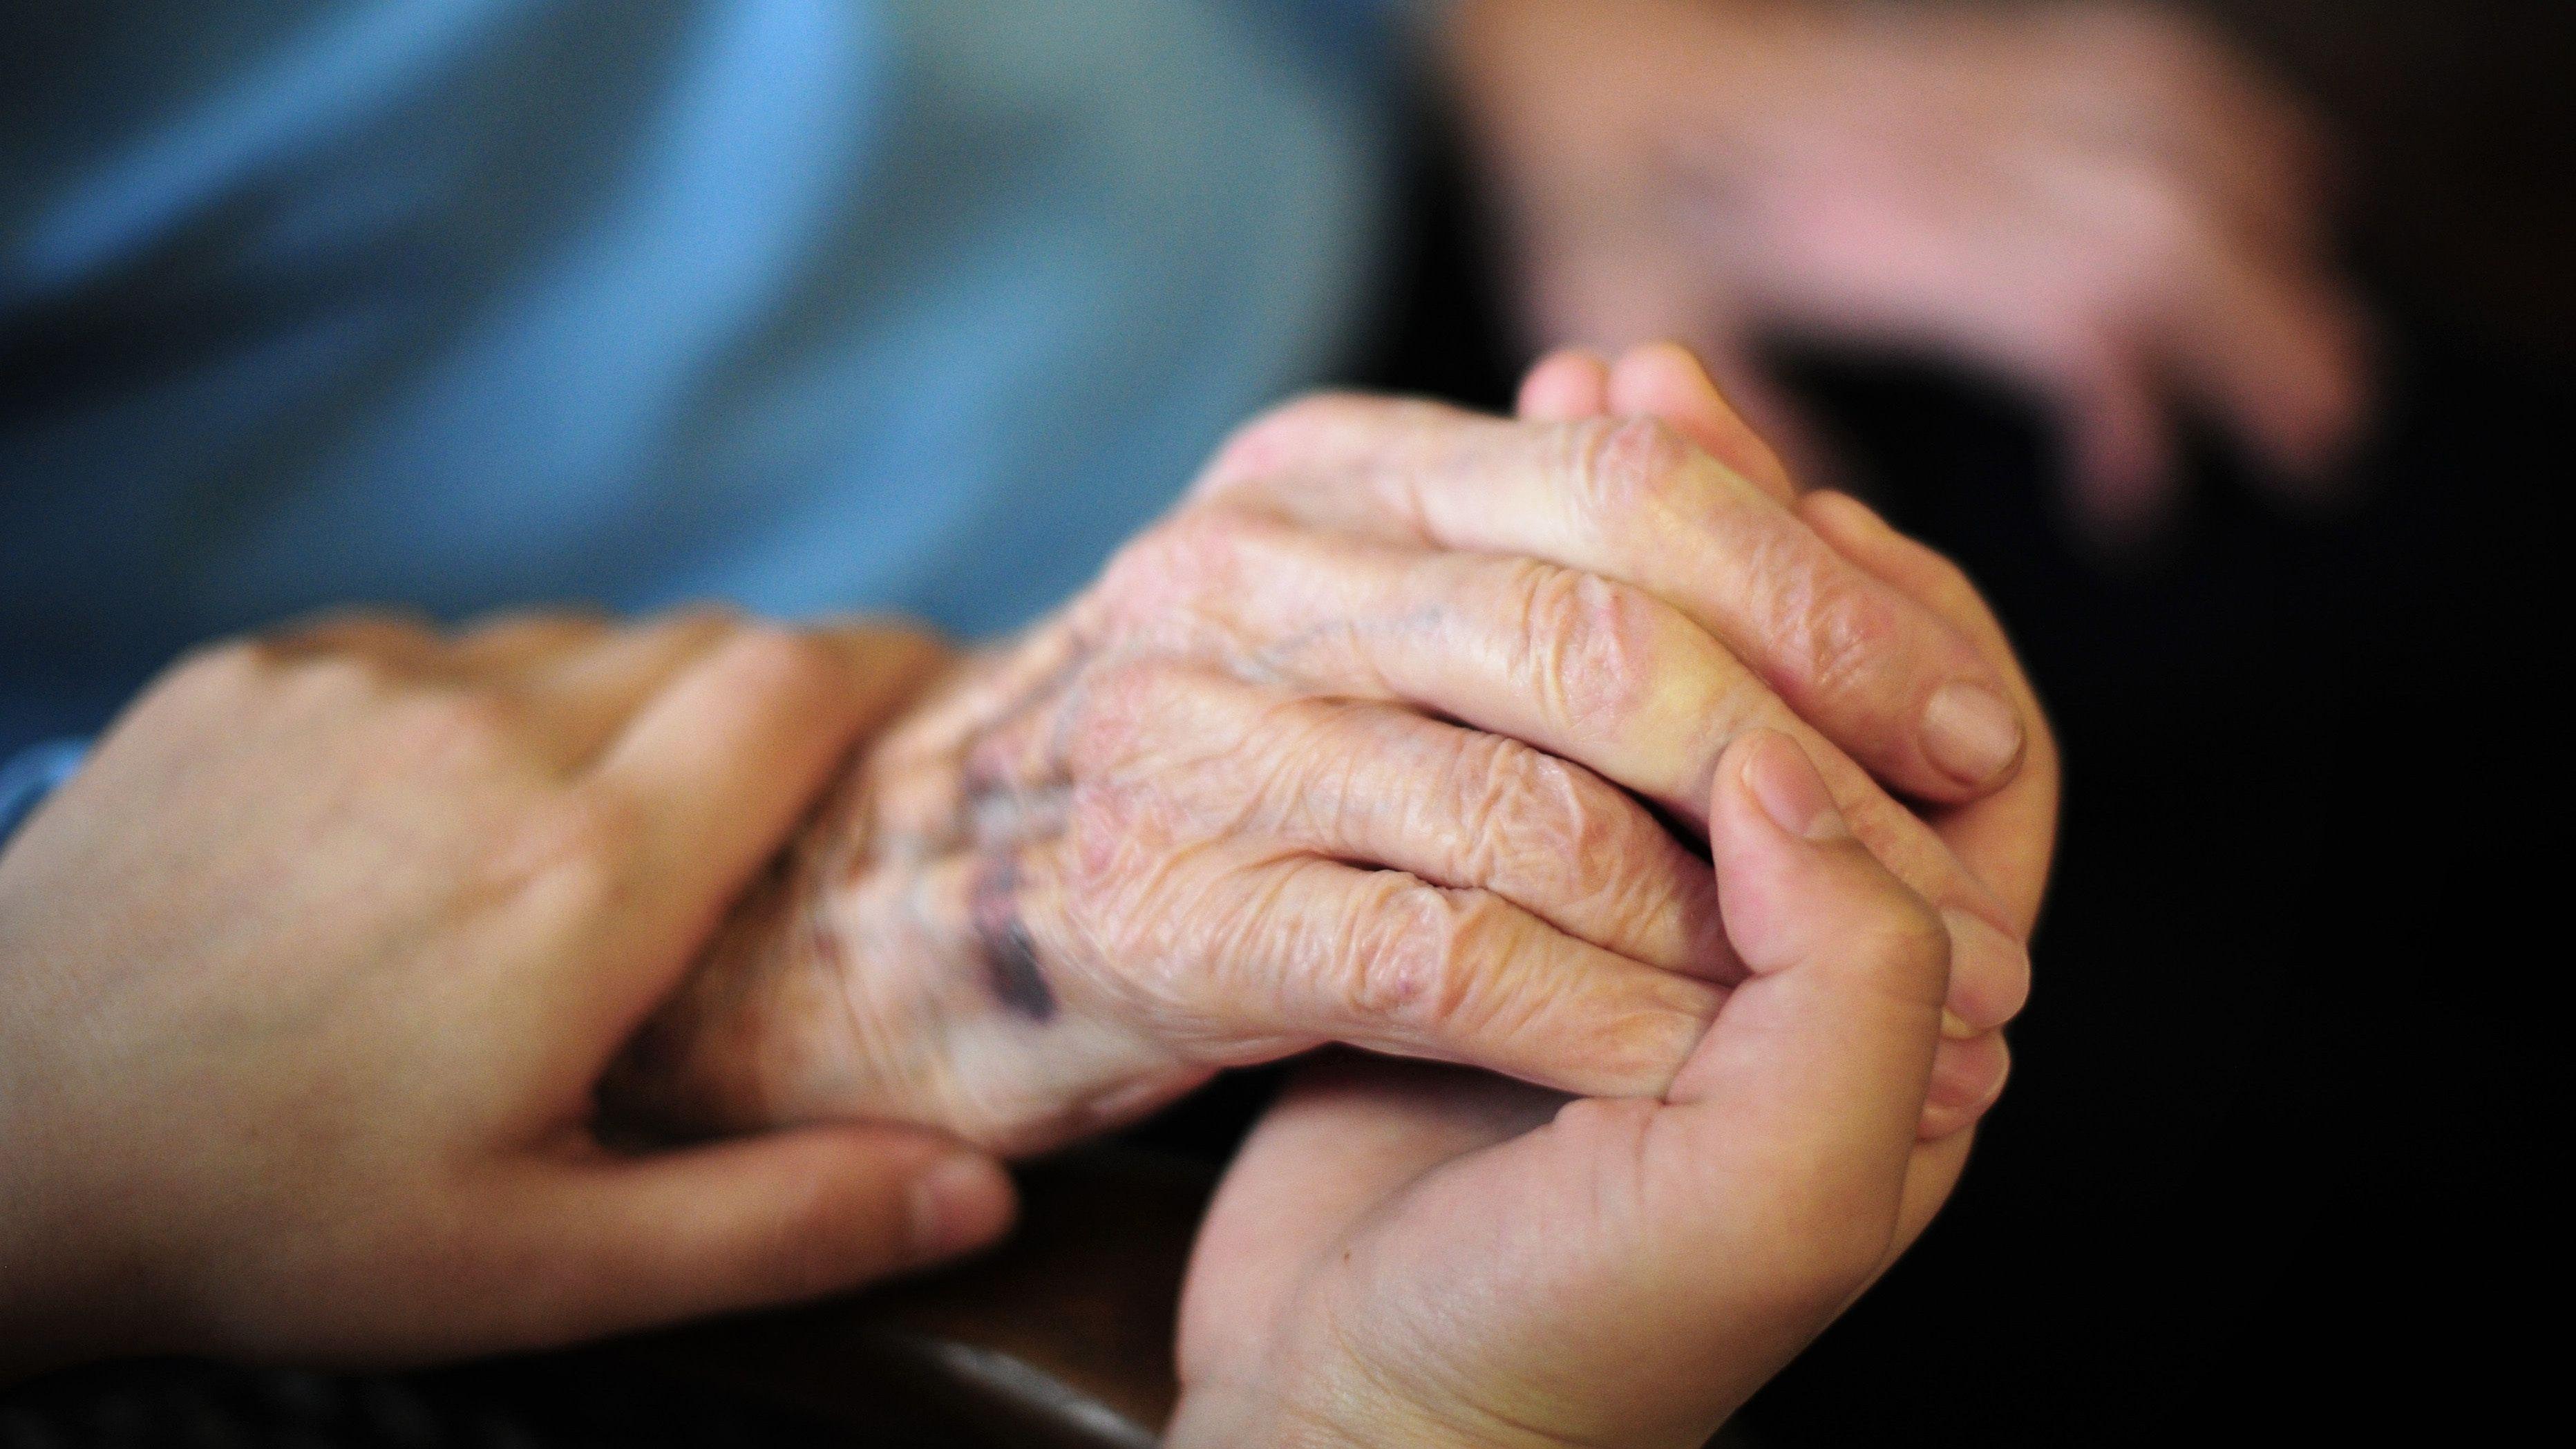 Einfach da sein: Die ehrenamtlichen Hospizmitarbeiterinnen sind Begleiter für sterbende Menschen und ihre Angehörigen. Symbolfoto: dpa/Reinhardt